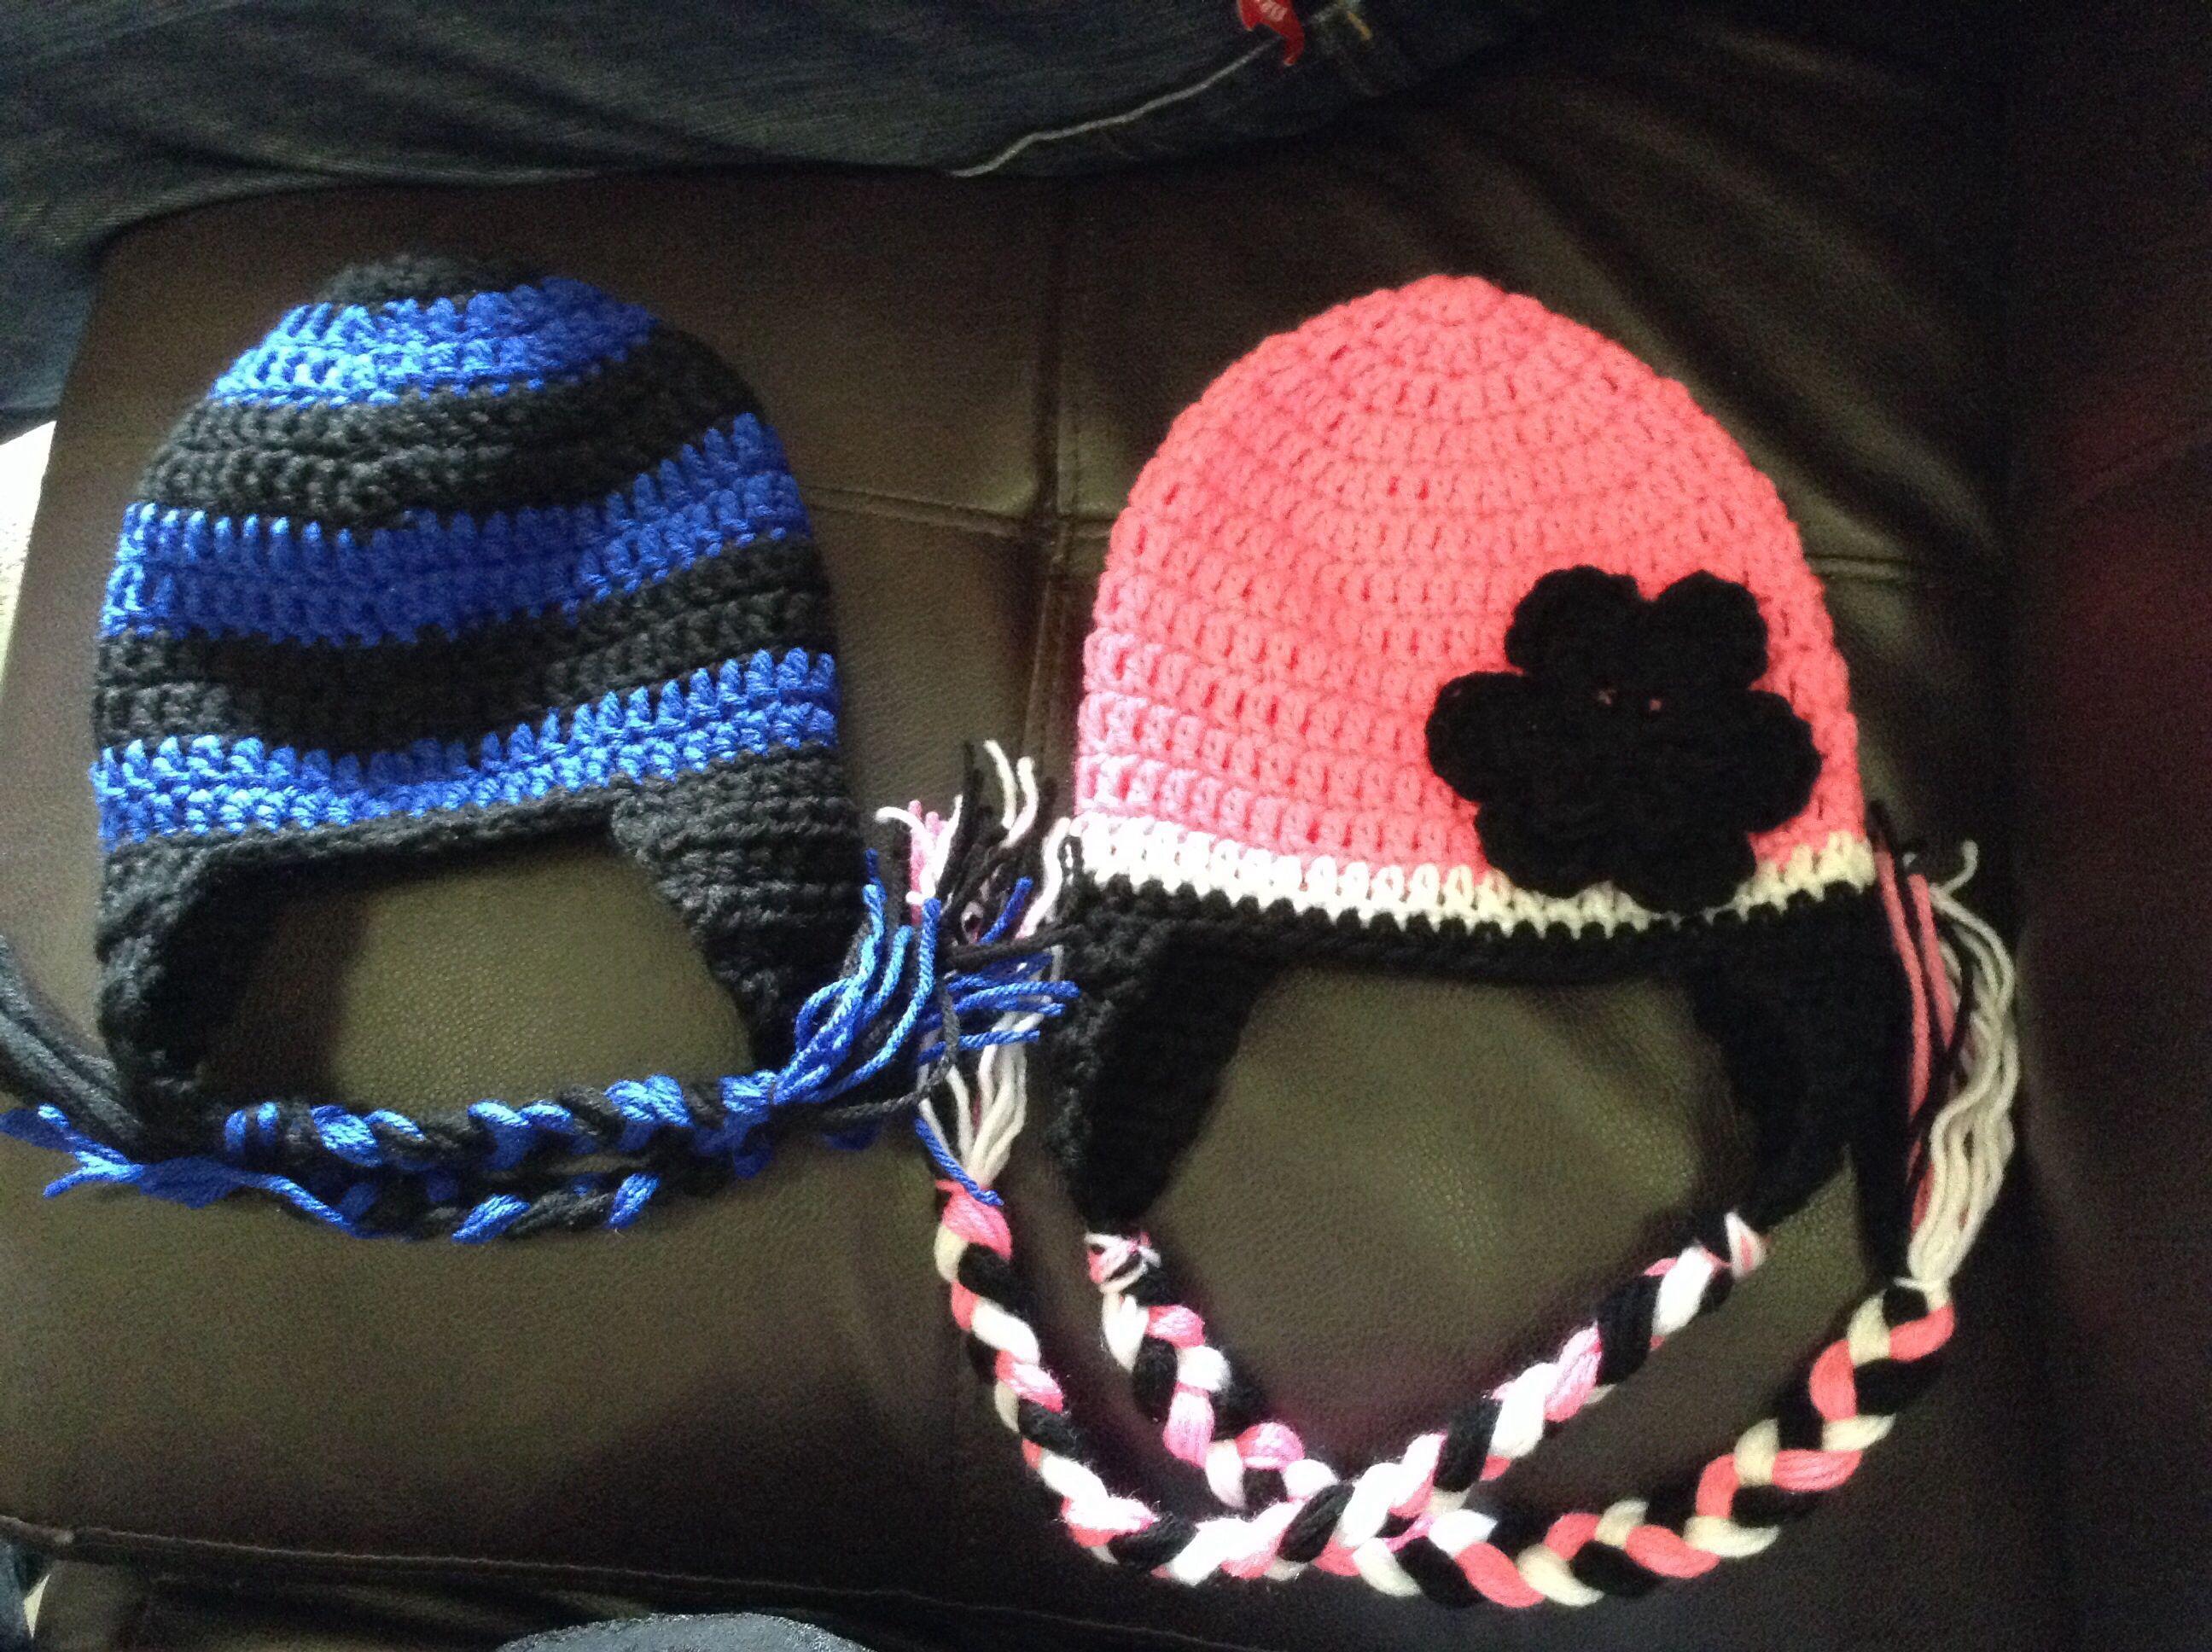 Double crochet with earflaps